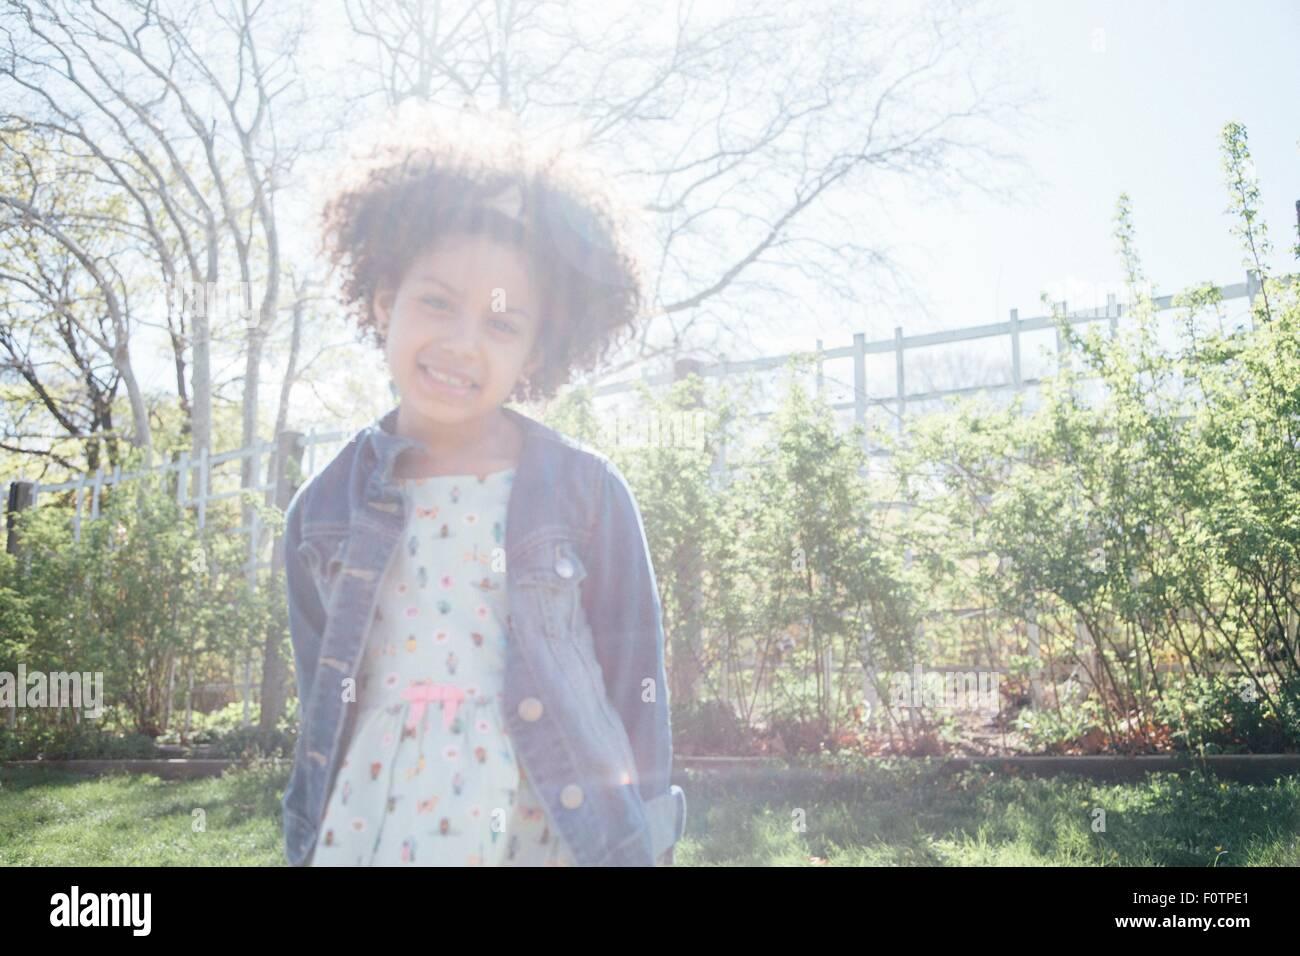 Vorderansicht des Mädchens im Sonnenlicht, Hände hinter Rücken, Blick auf die Kamera zu Lächeln Stockbild